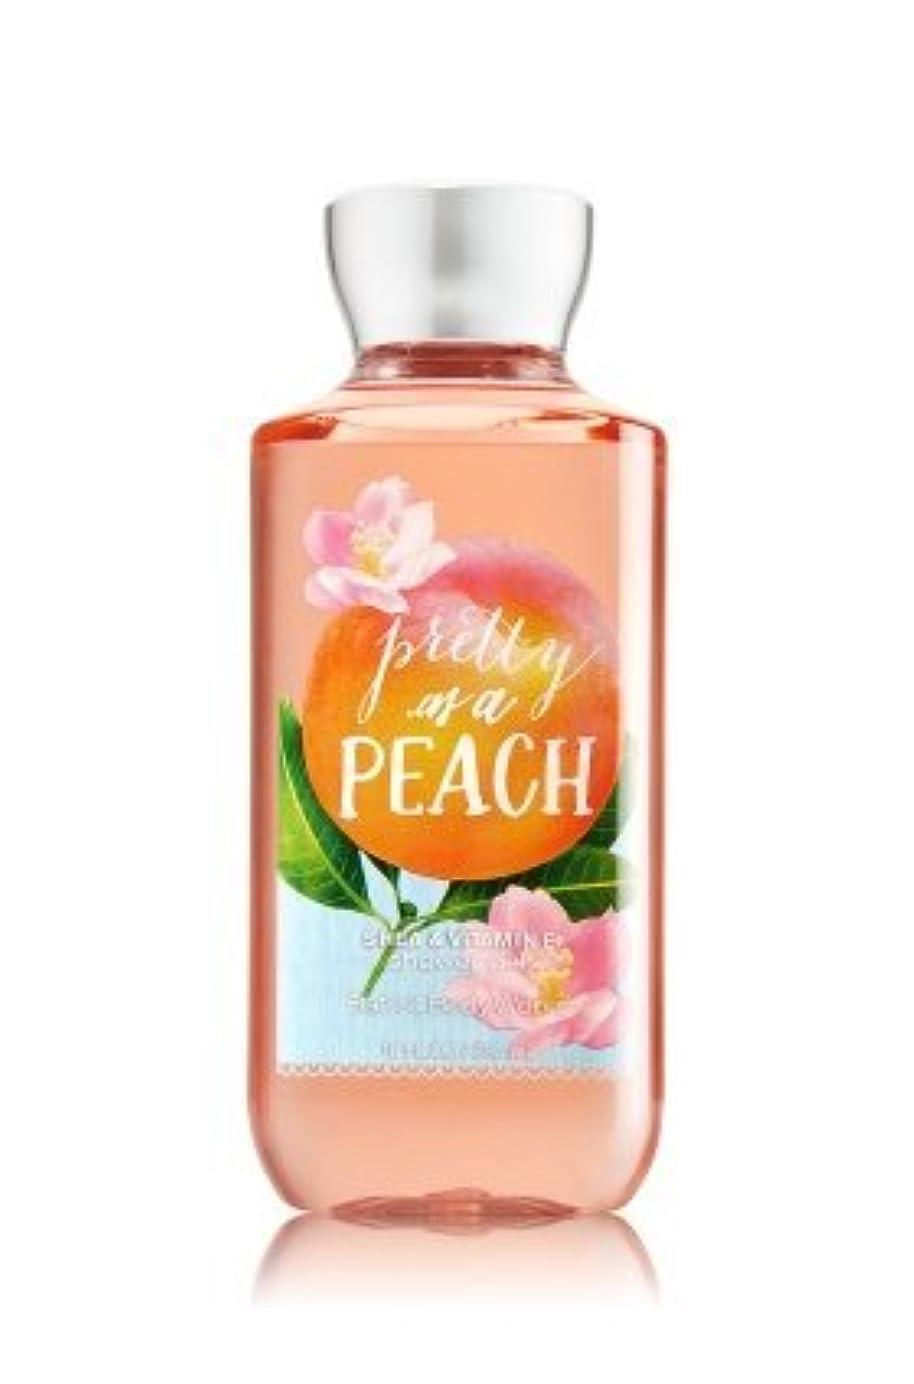 中級前述の豊富に【Bath&Body Works/バス&ボディワークス】 シャワージェル プリティーアズアピーチ Shower Gel Pretty as a Peach 10 fl oz / 295 mL [並行輸入品]